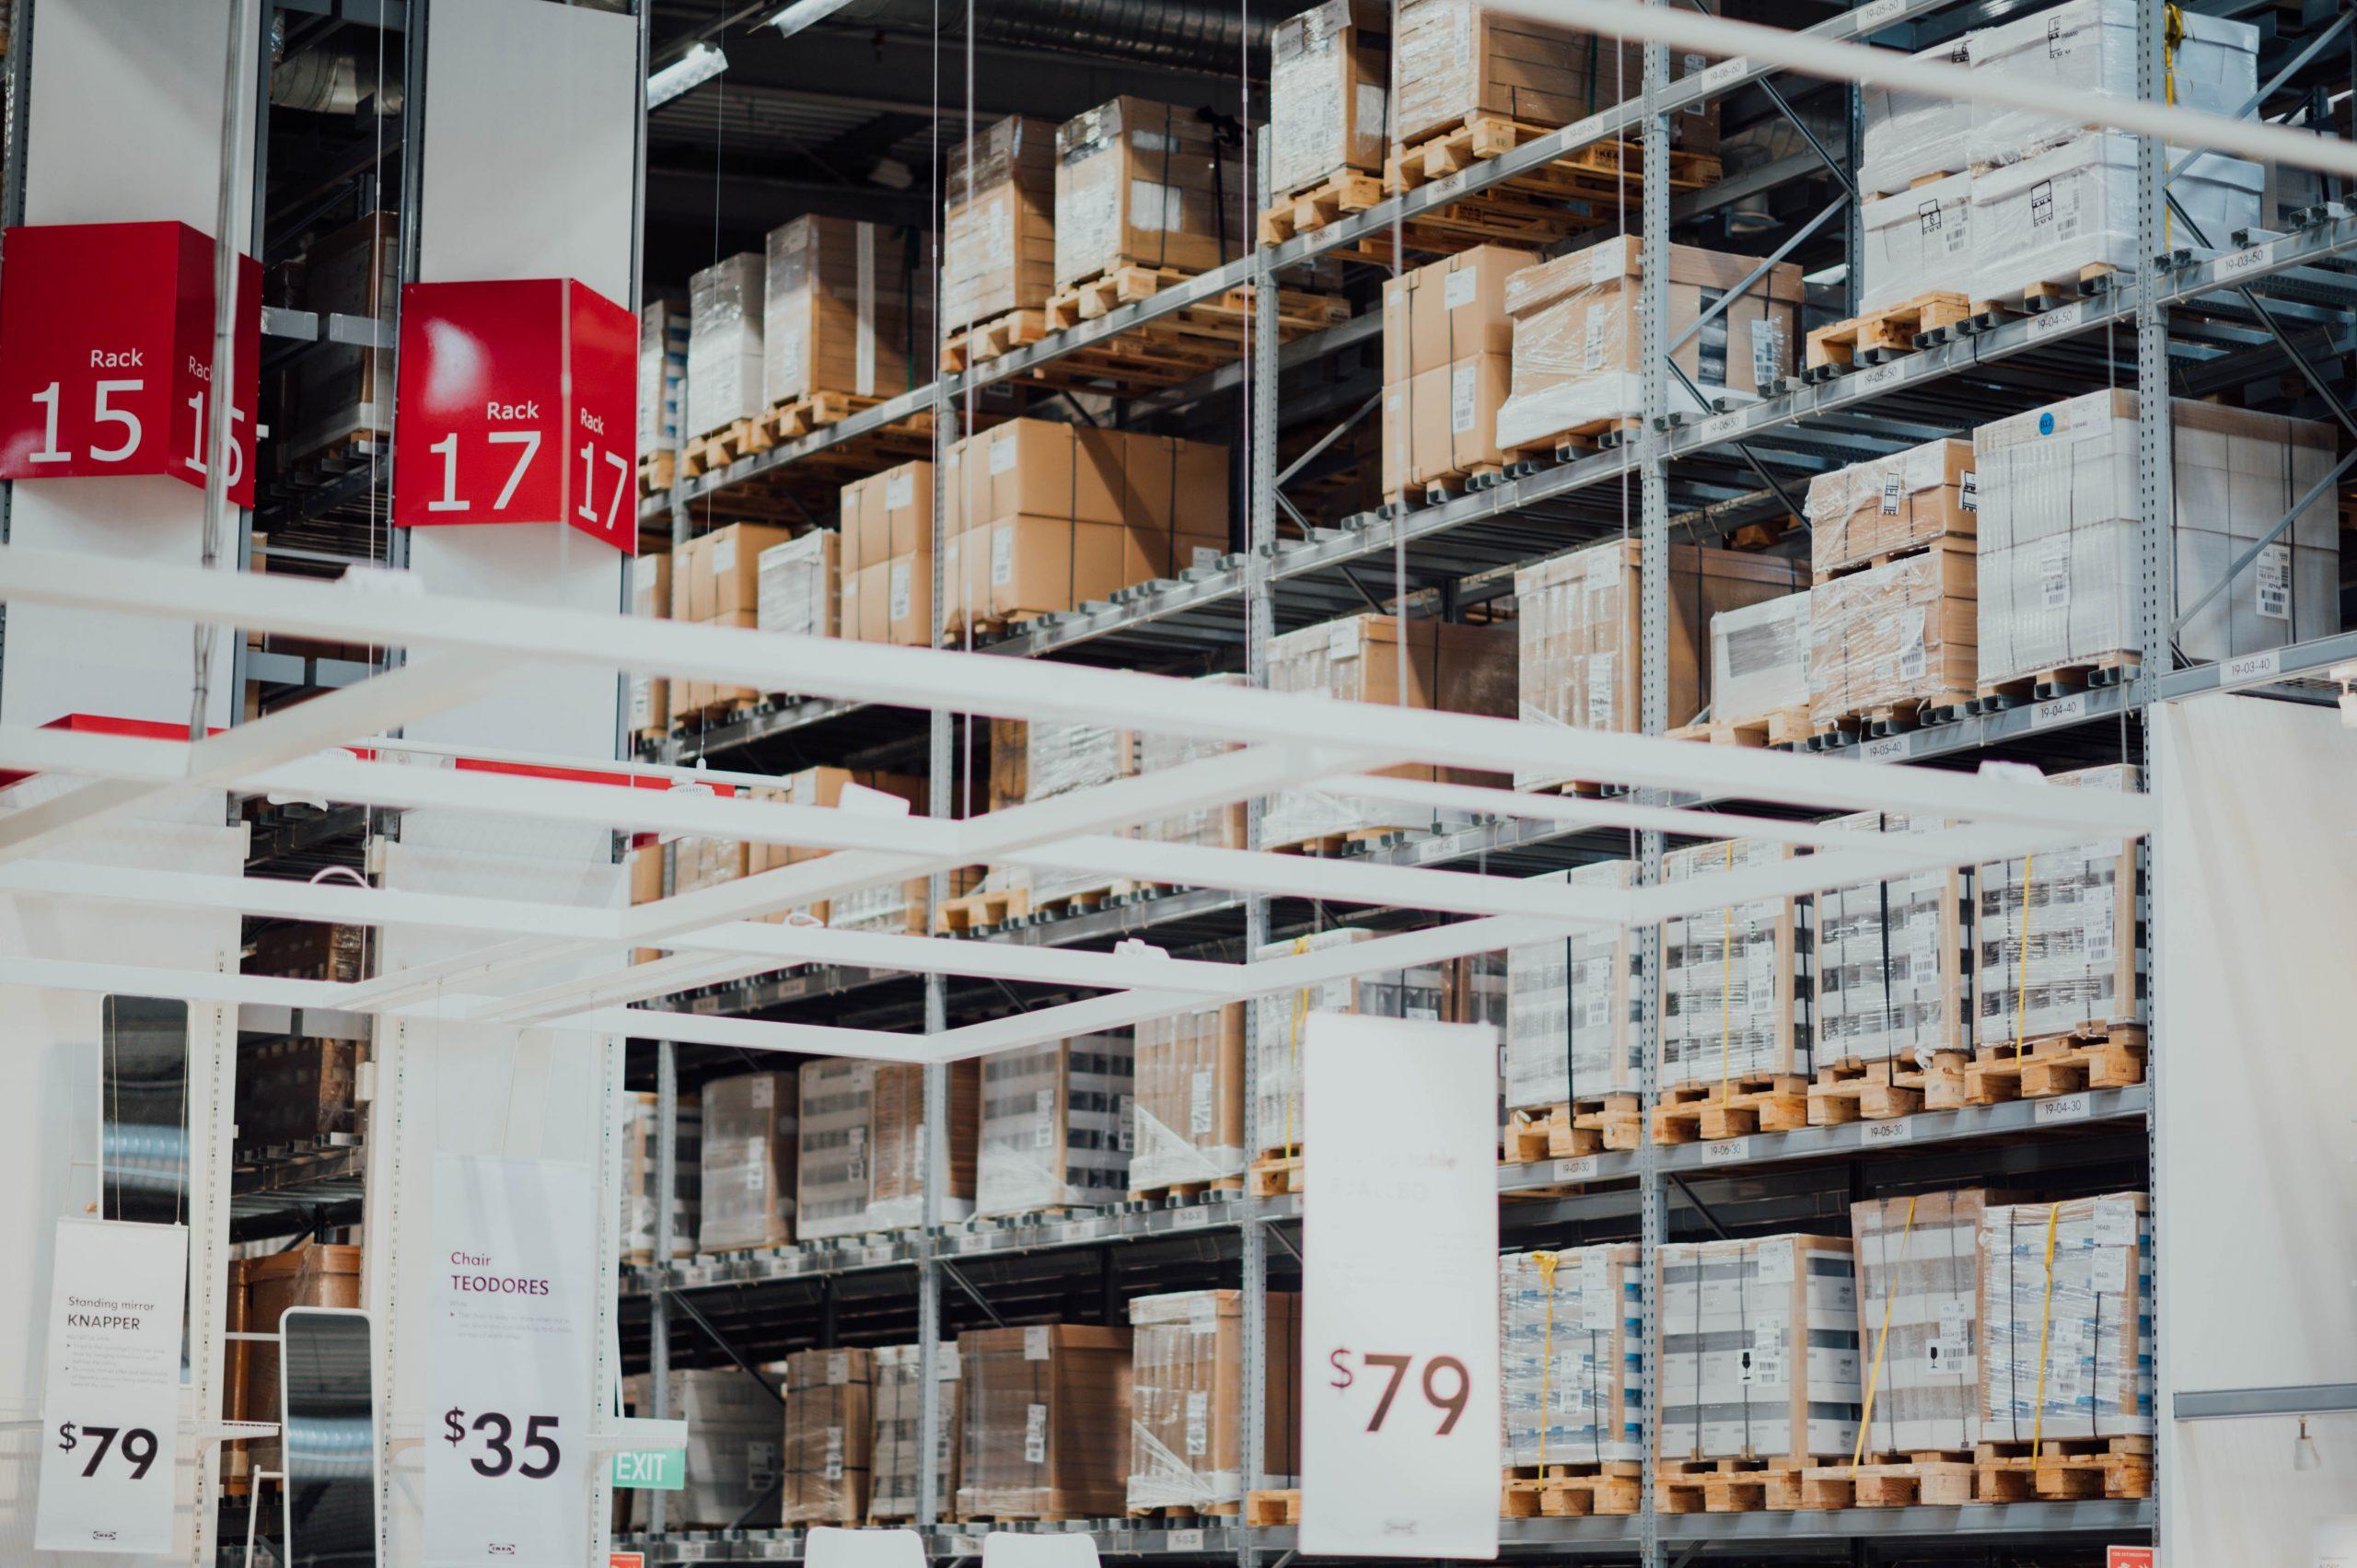 работа в Польше на складах